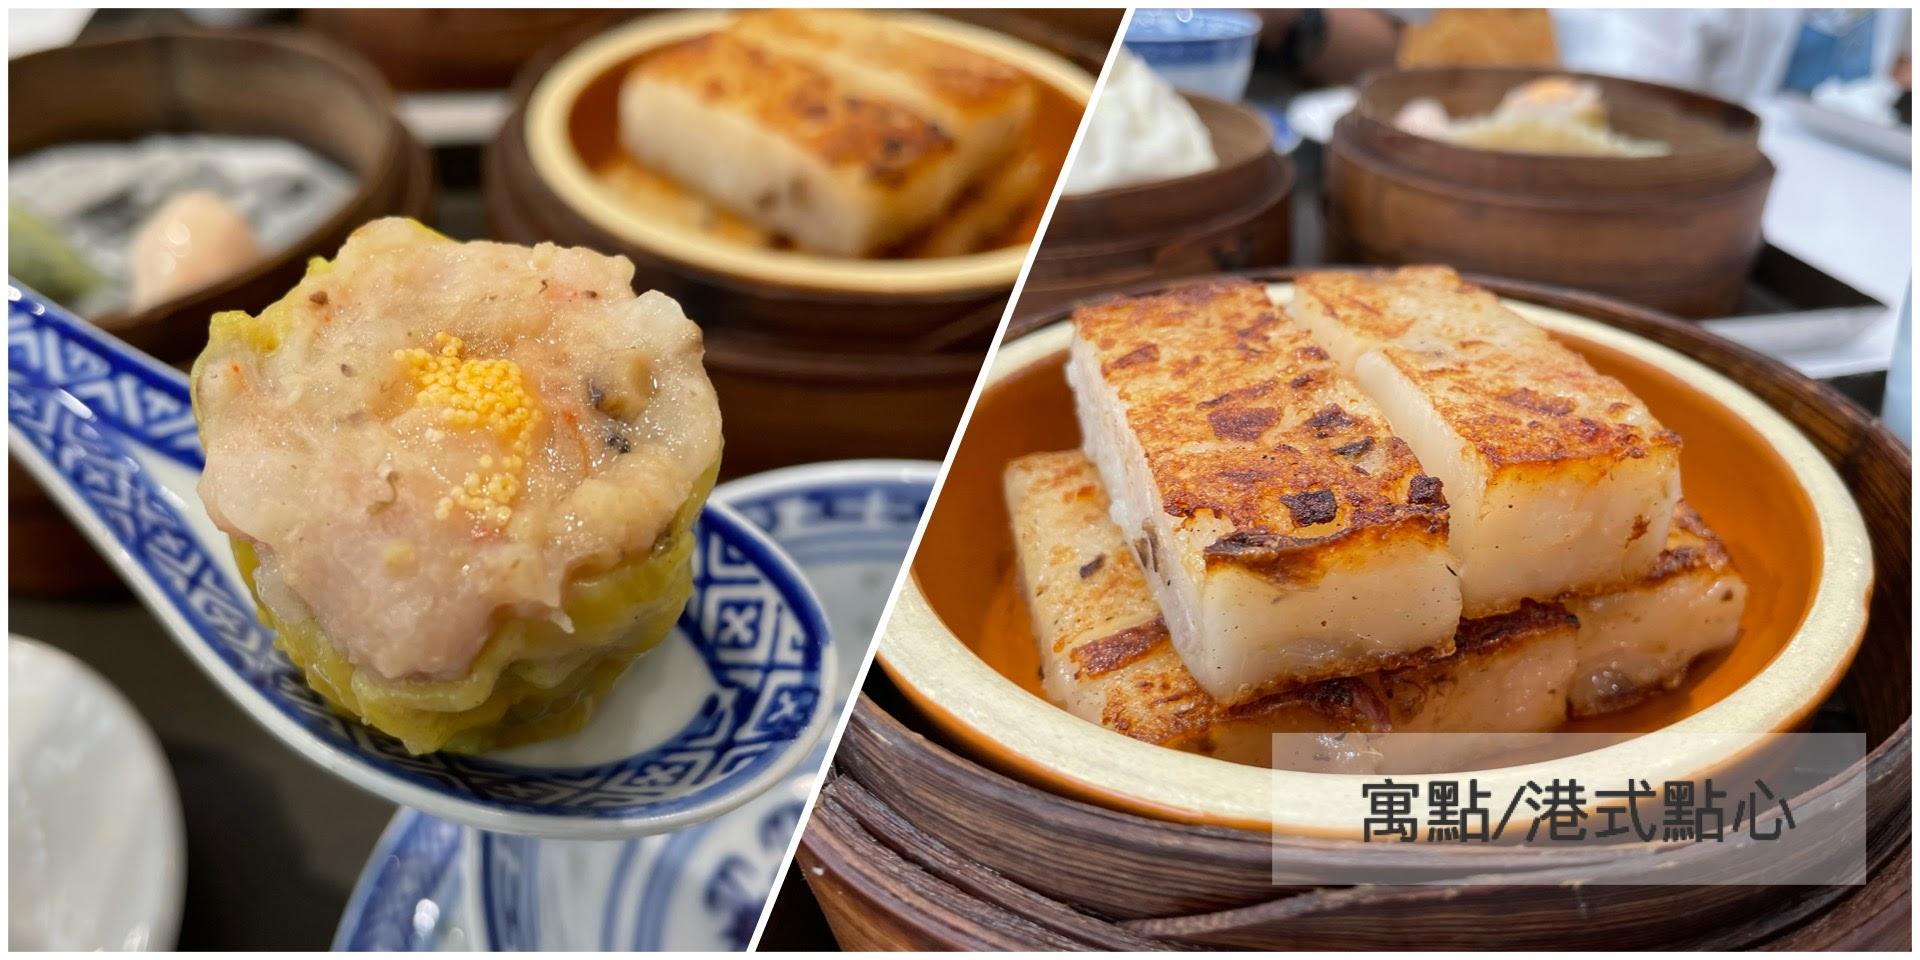 [台南][東區] 寓點 套餐式港式點心 早起才吃得到的道地港式料理超人氣店家